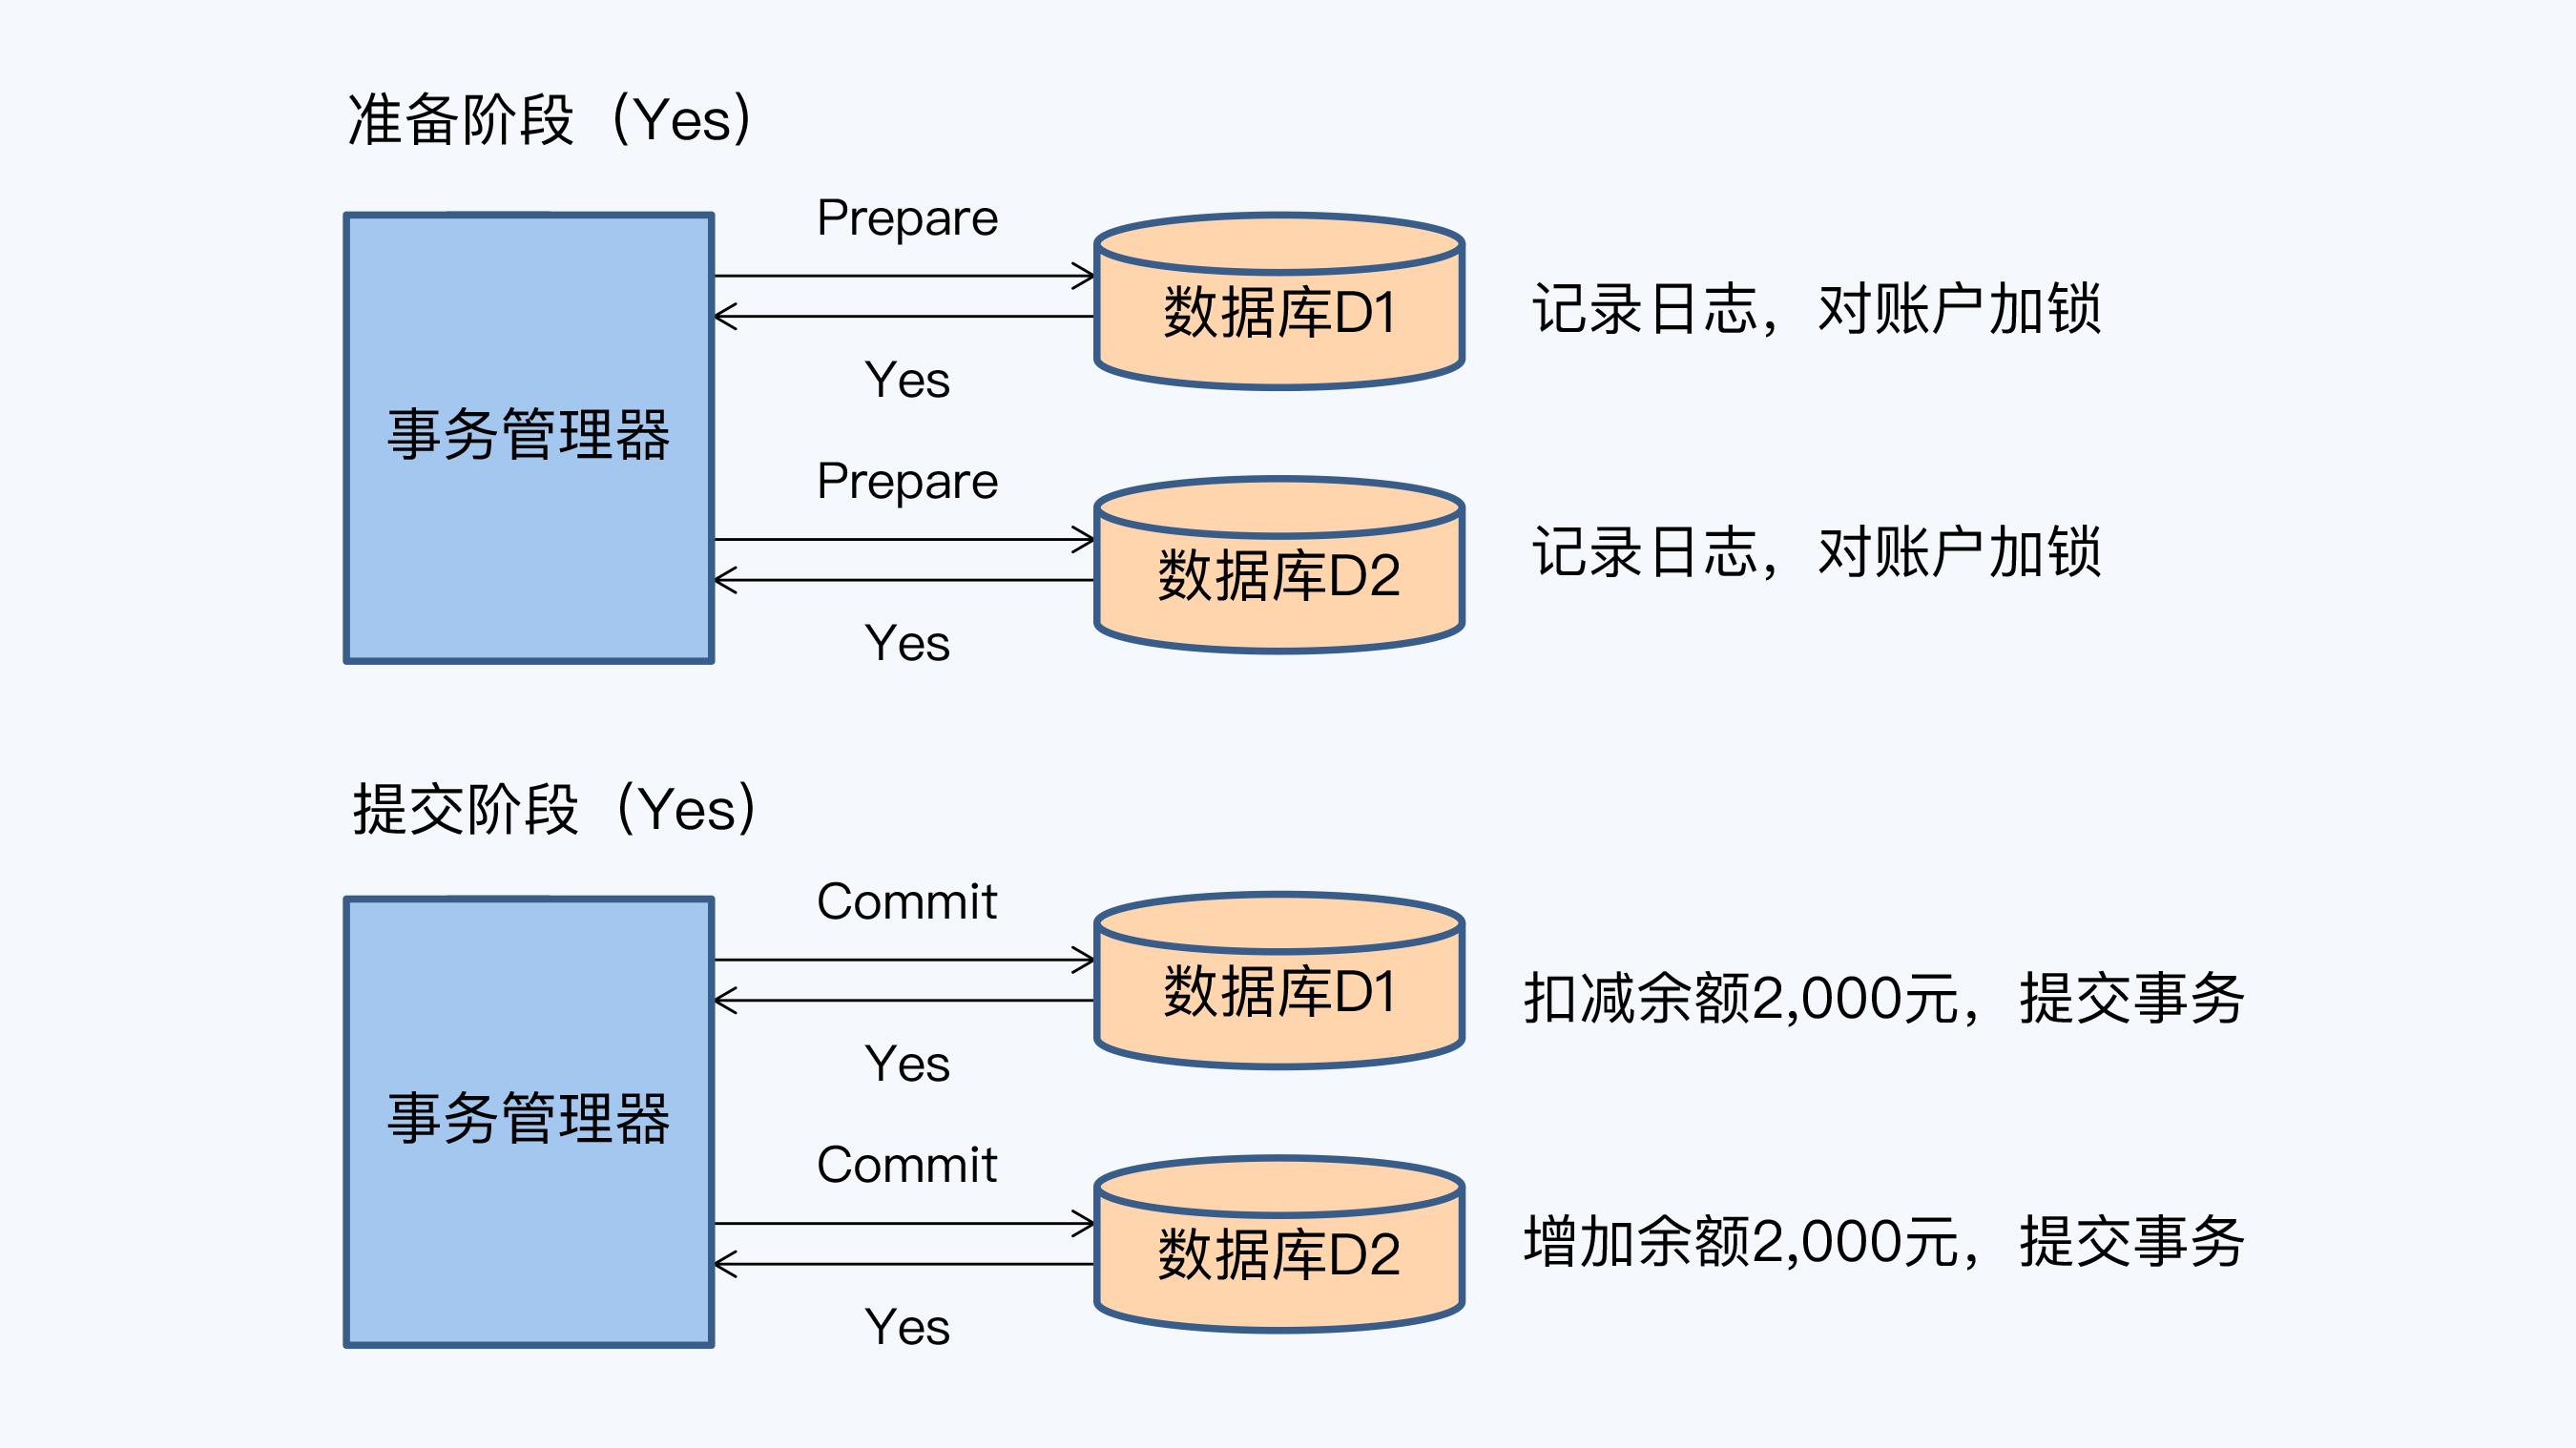 2PC 正常流程